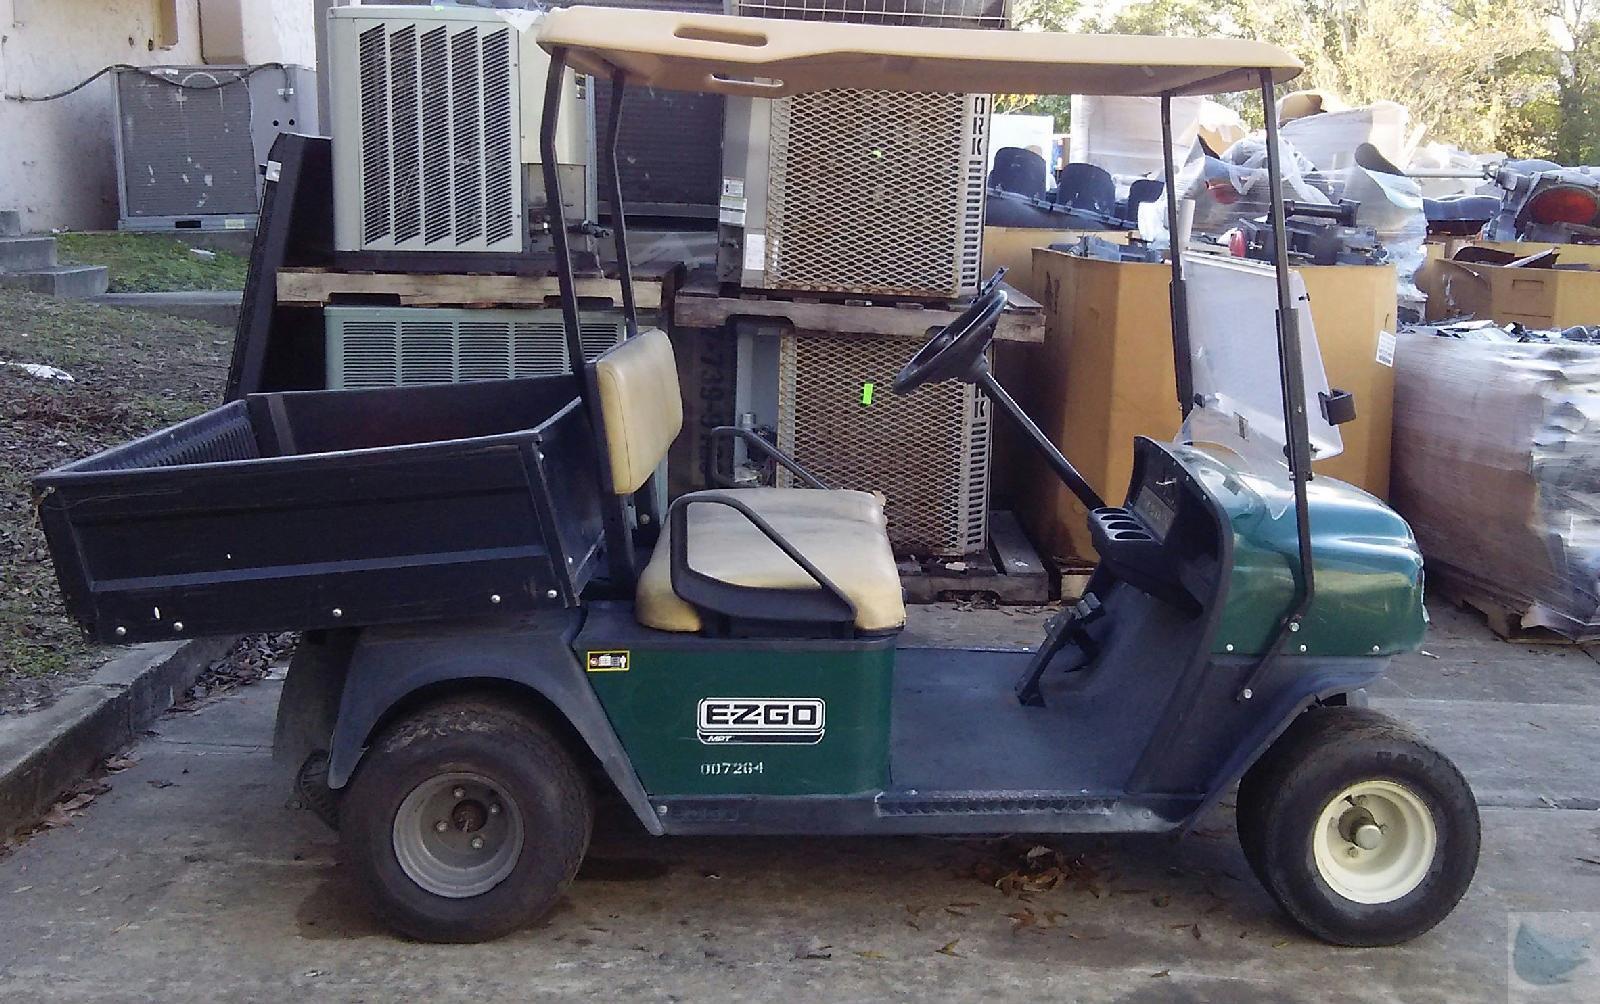 Car Golf Carts Ez Go Workhorse